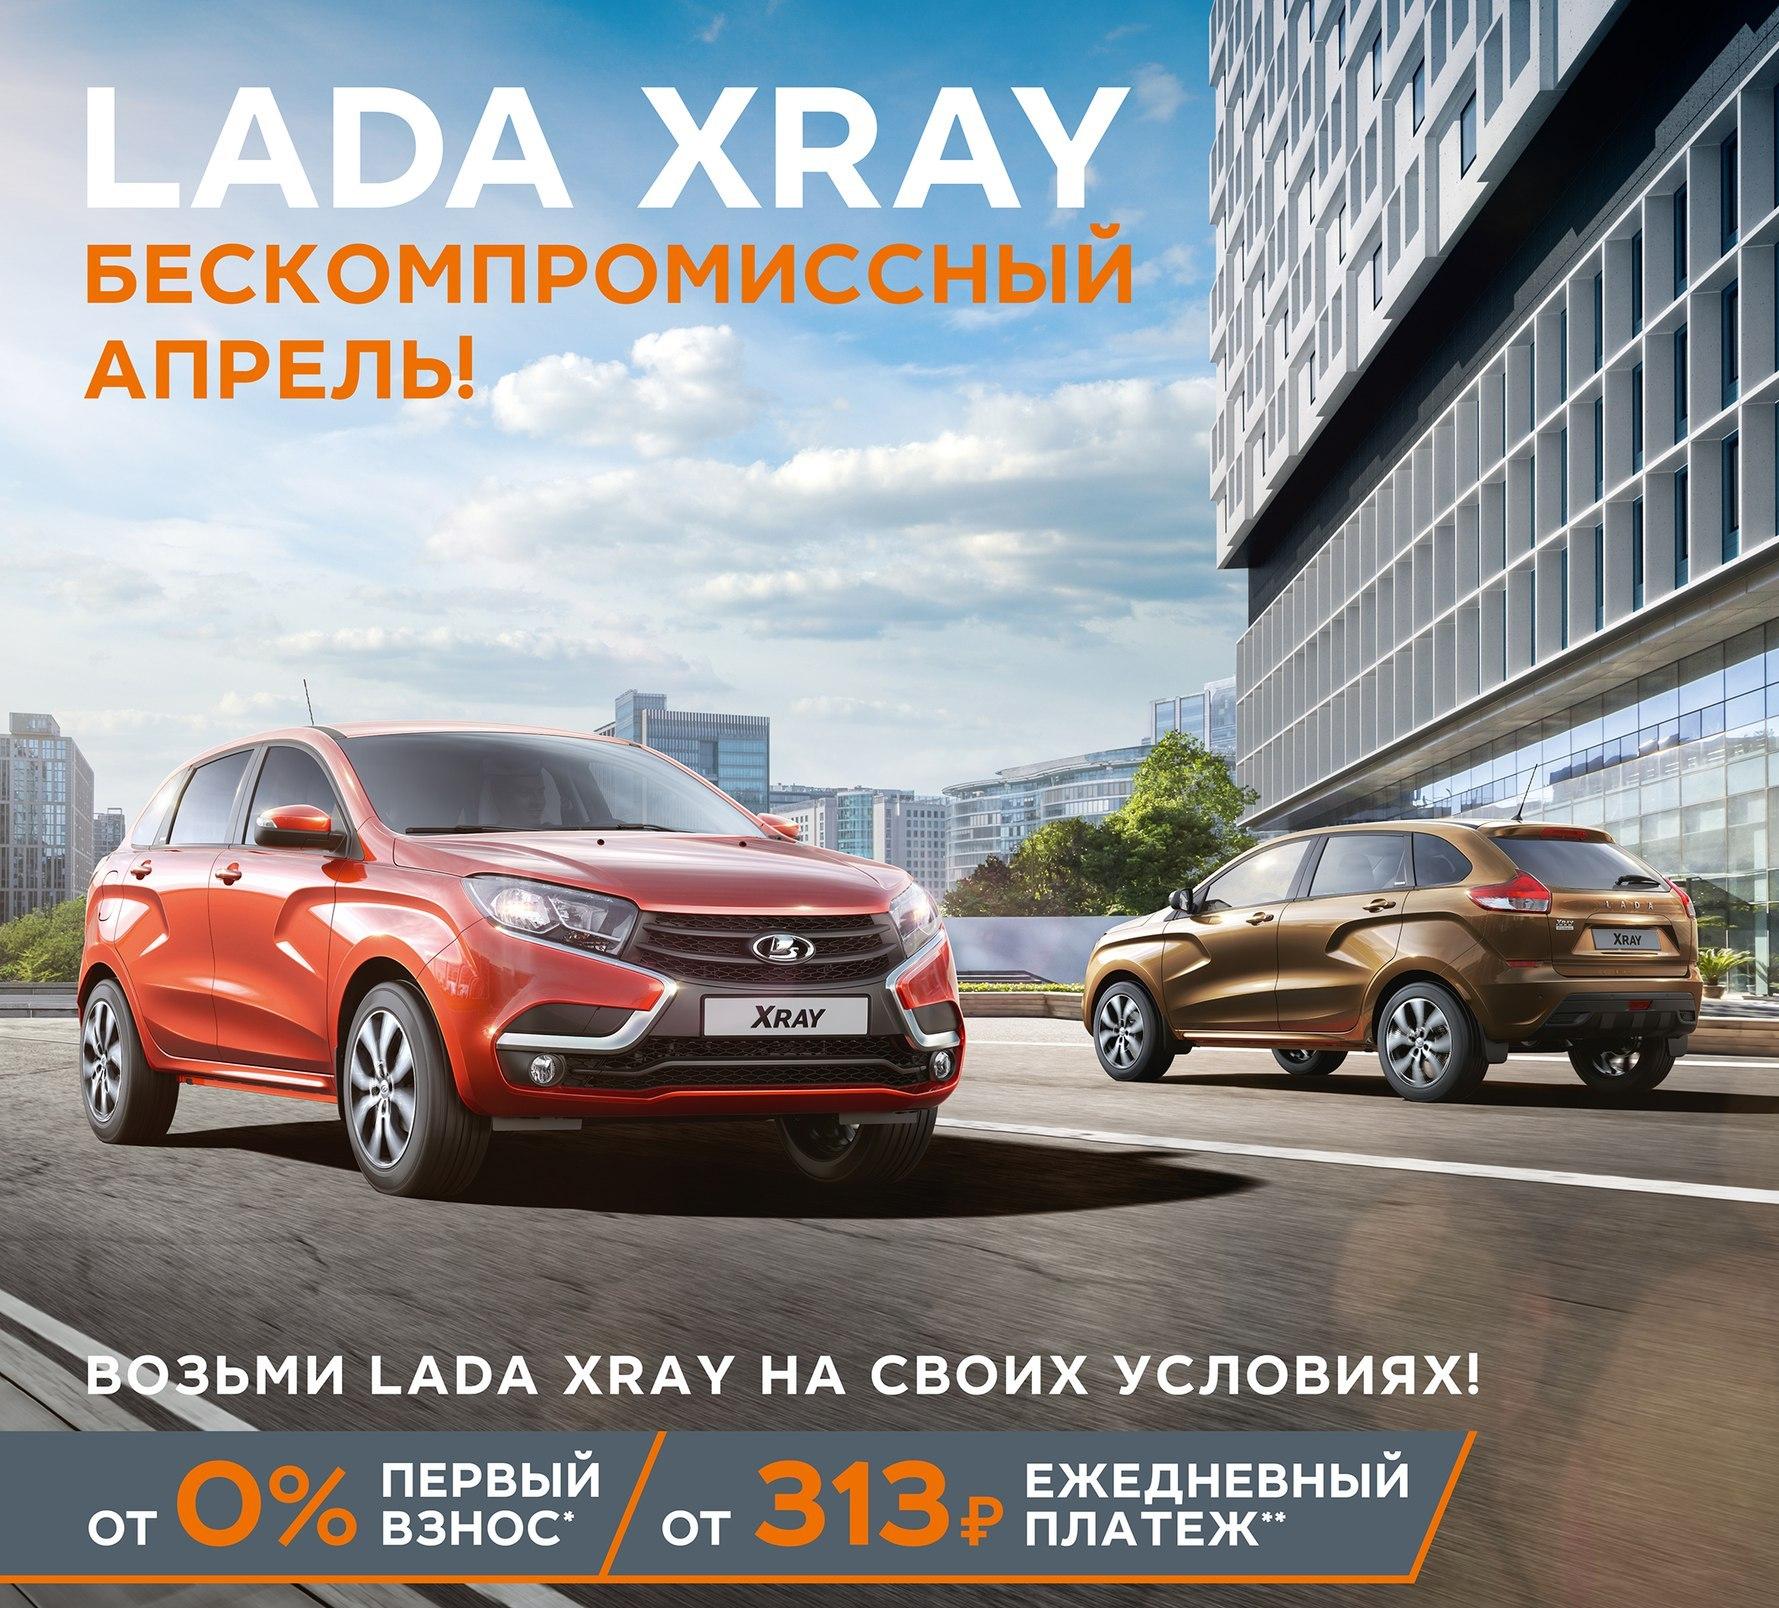 LADA XRAY от 0% первый взнос/ от 313 рублей в день!